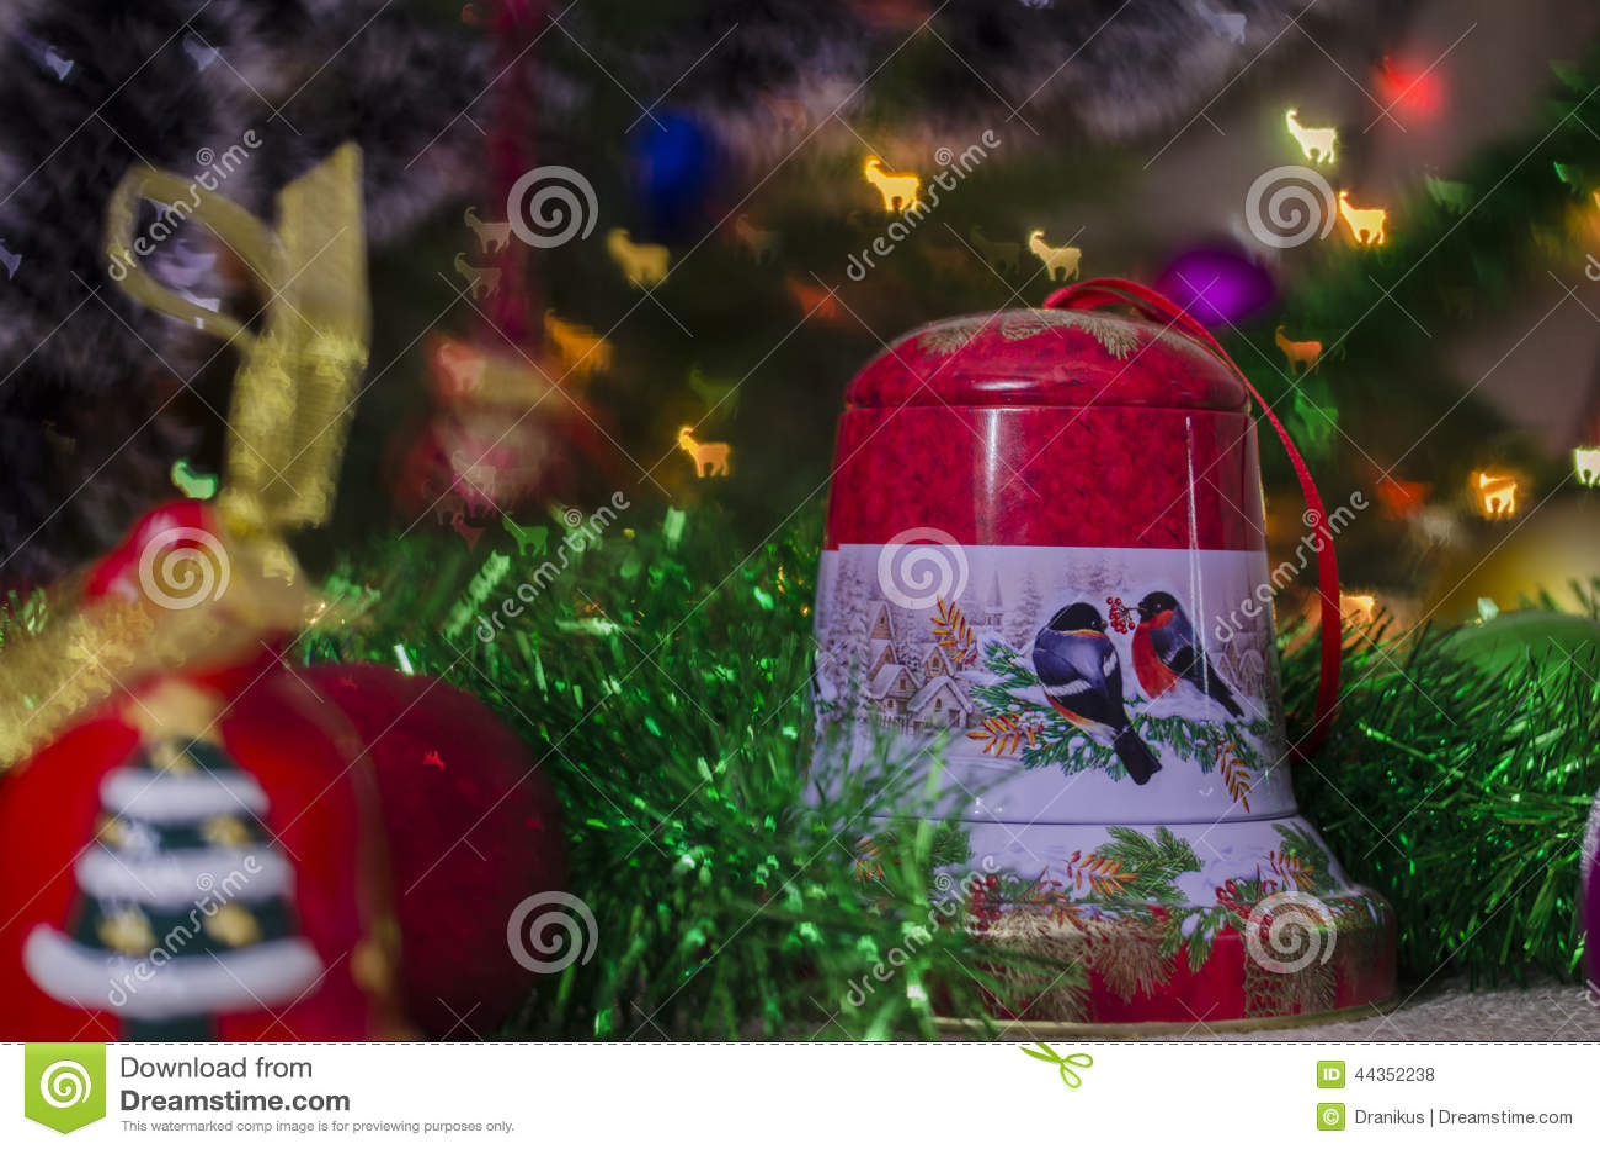 Natale, decorazione, anno, nuovo, festa, decorazione, decorata